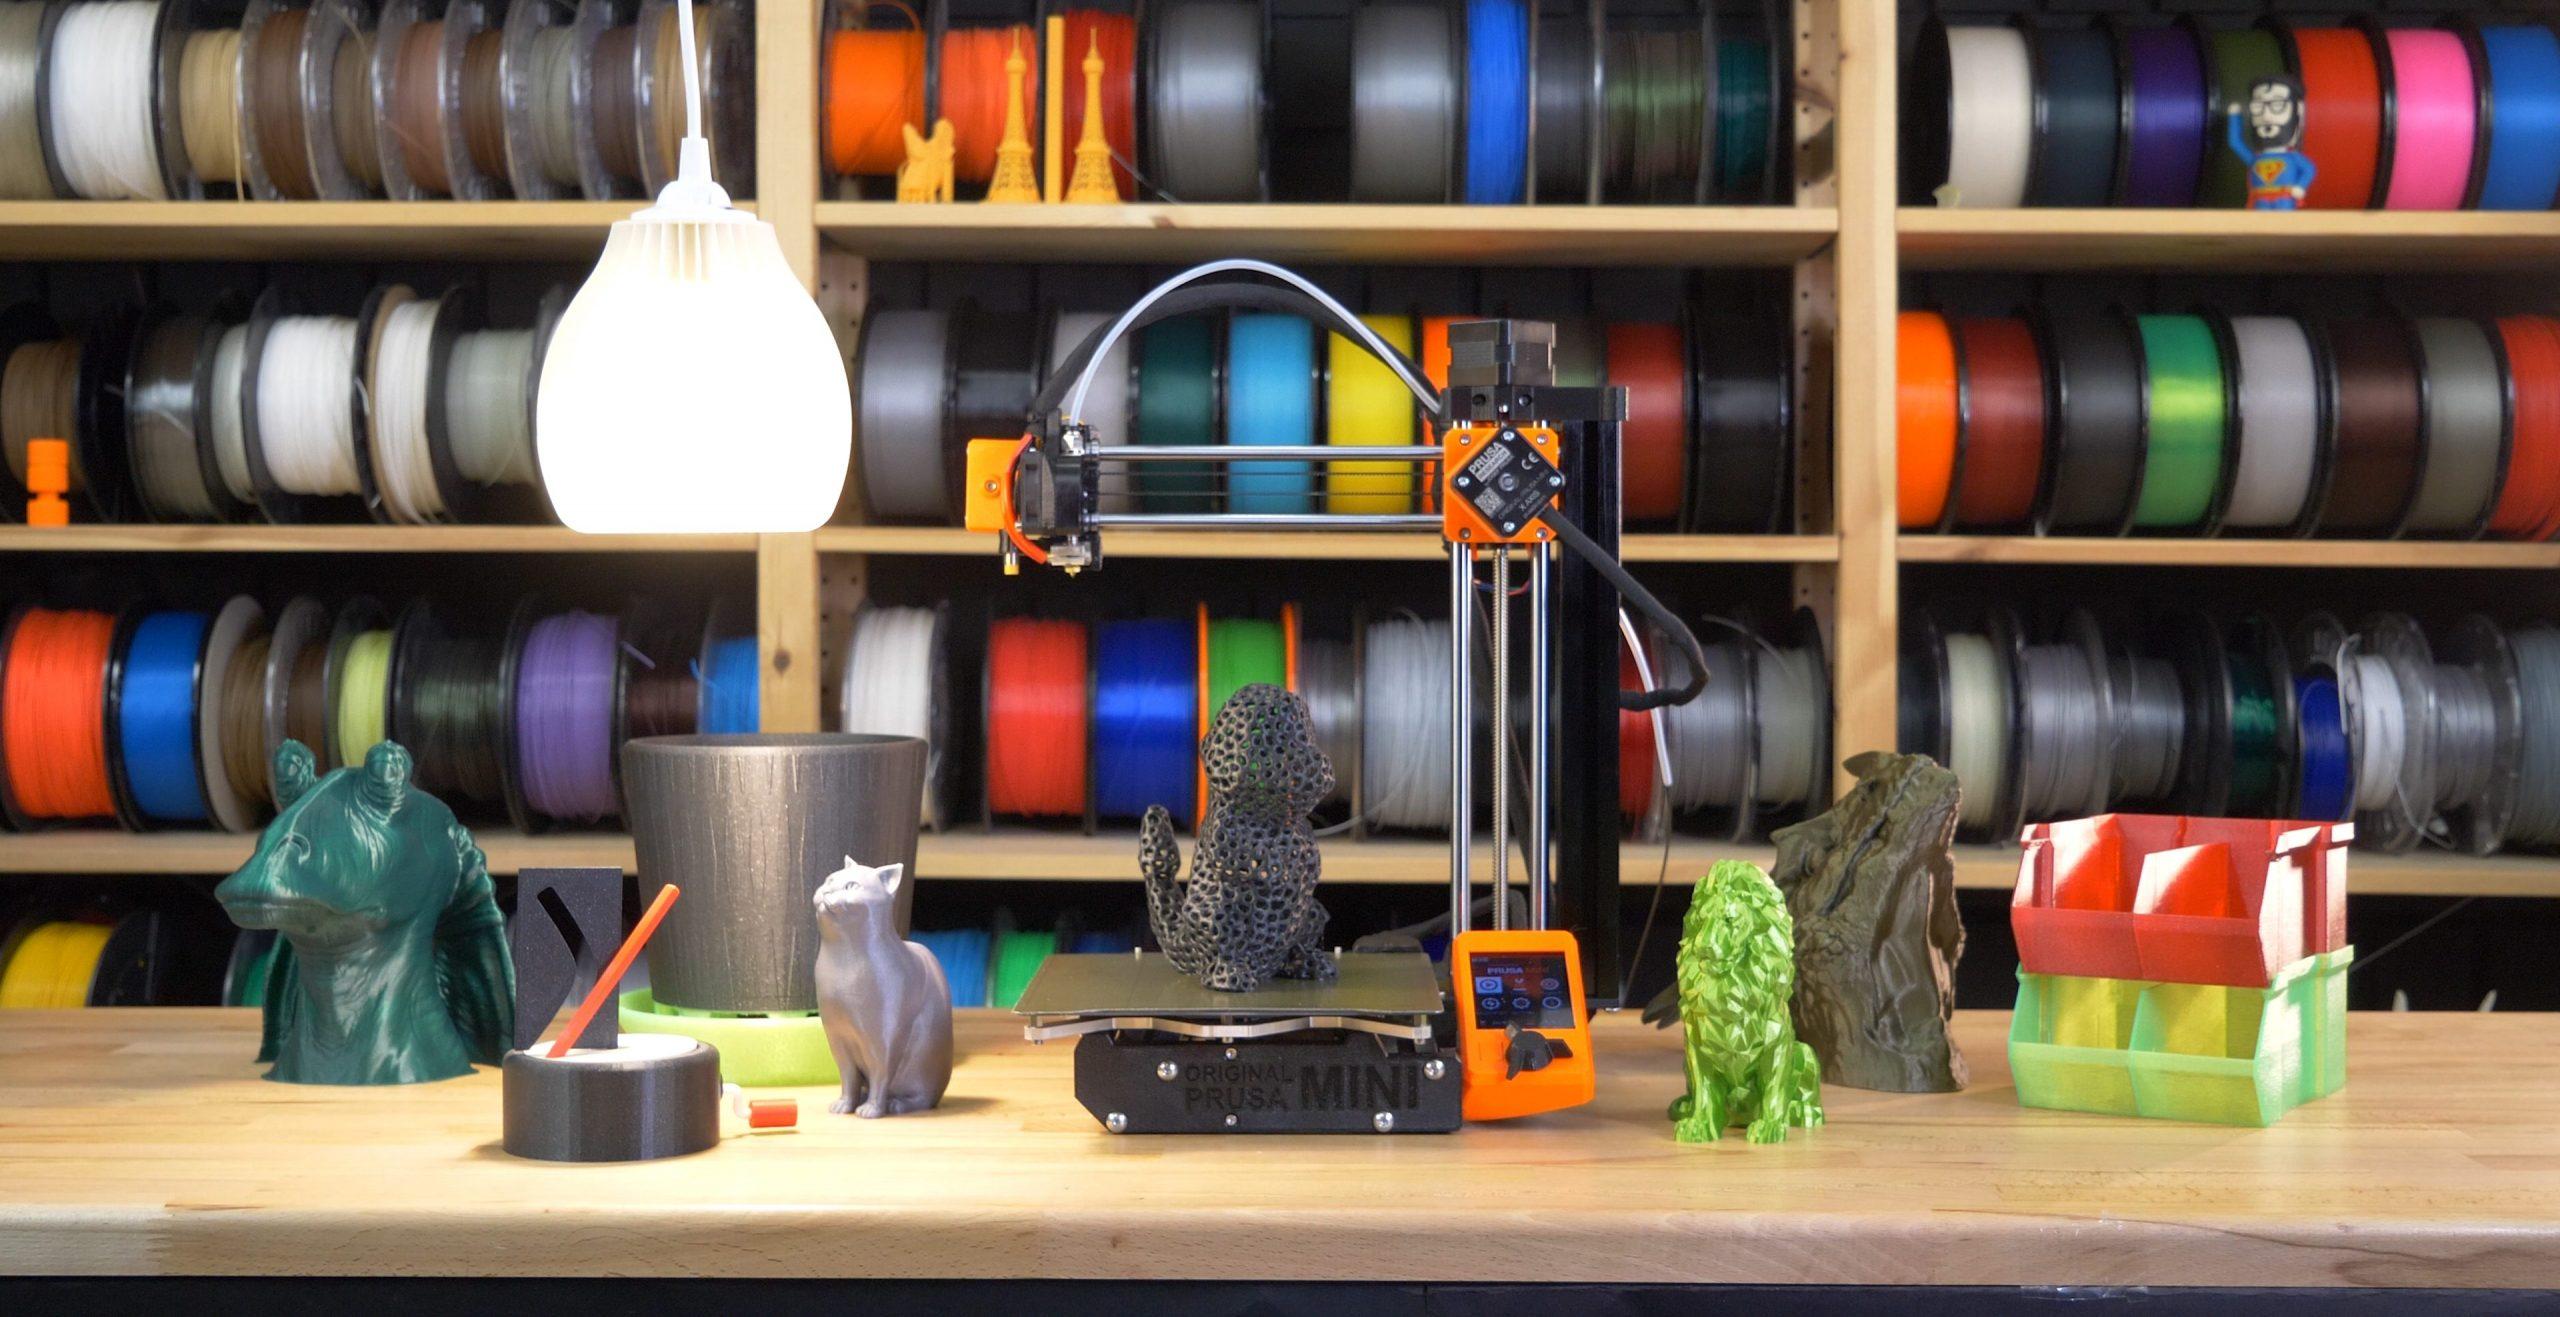 3D printers $500